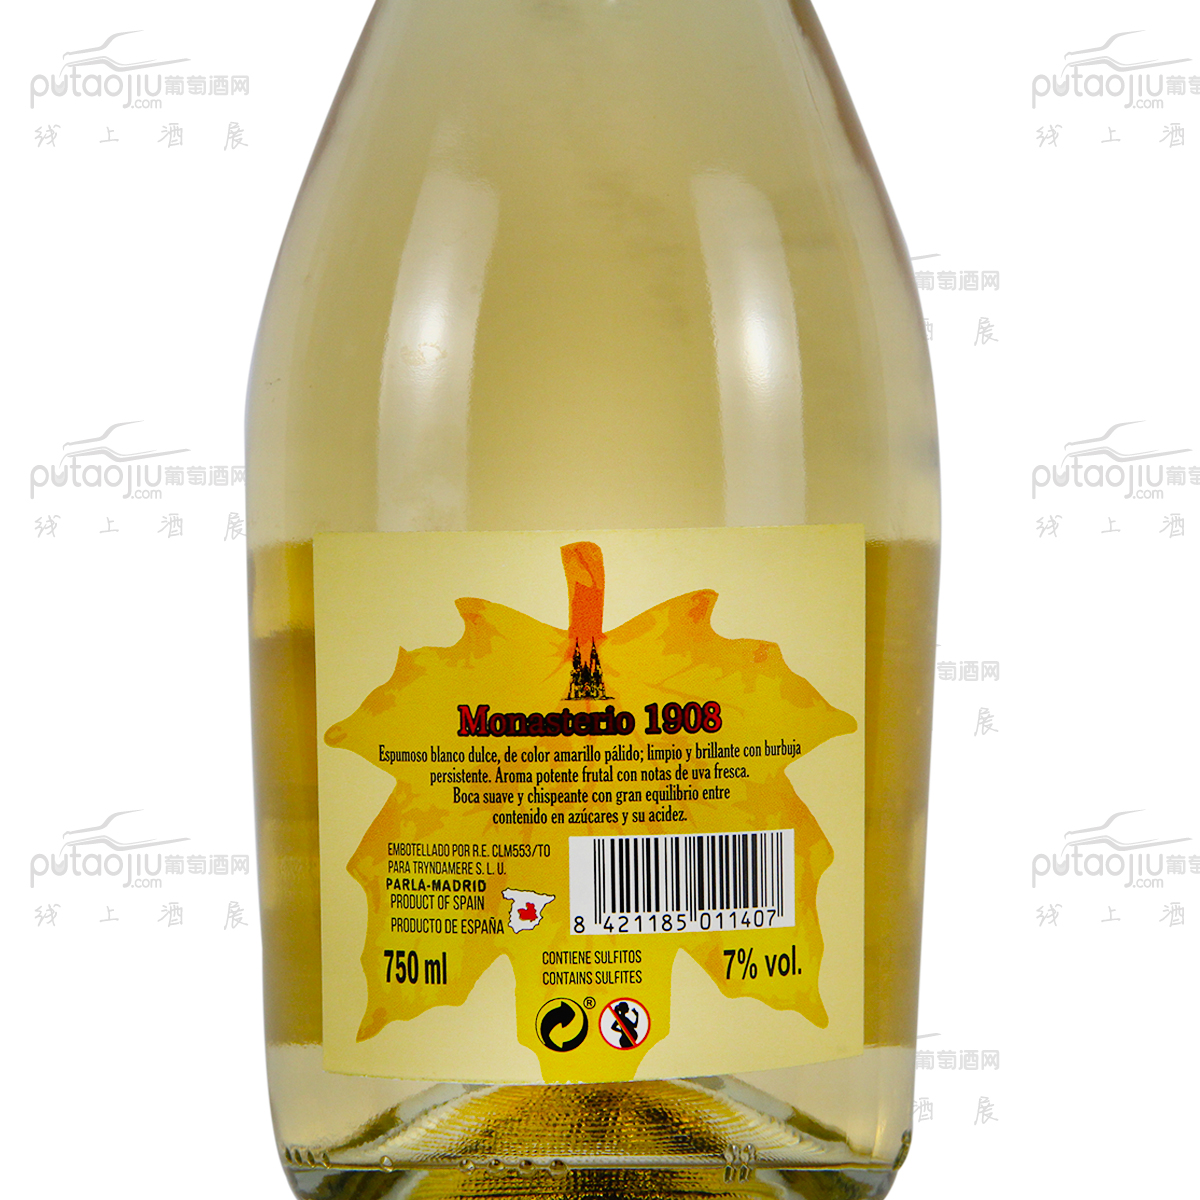 西班牙托莱多卡洛斯三世酒庄爱依伦蒙娜斯特罗1908起泡葡萄酒